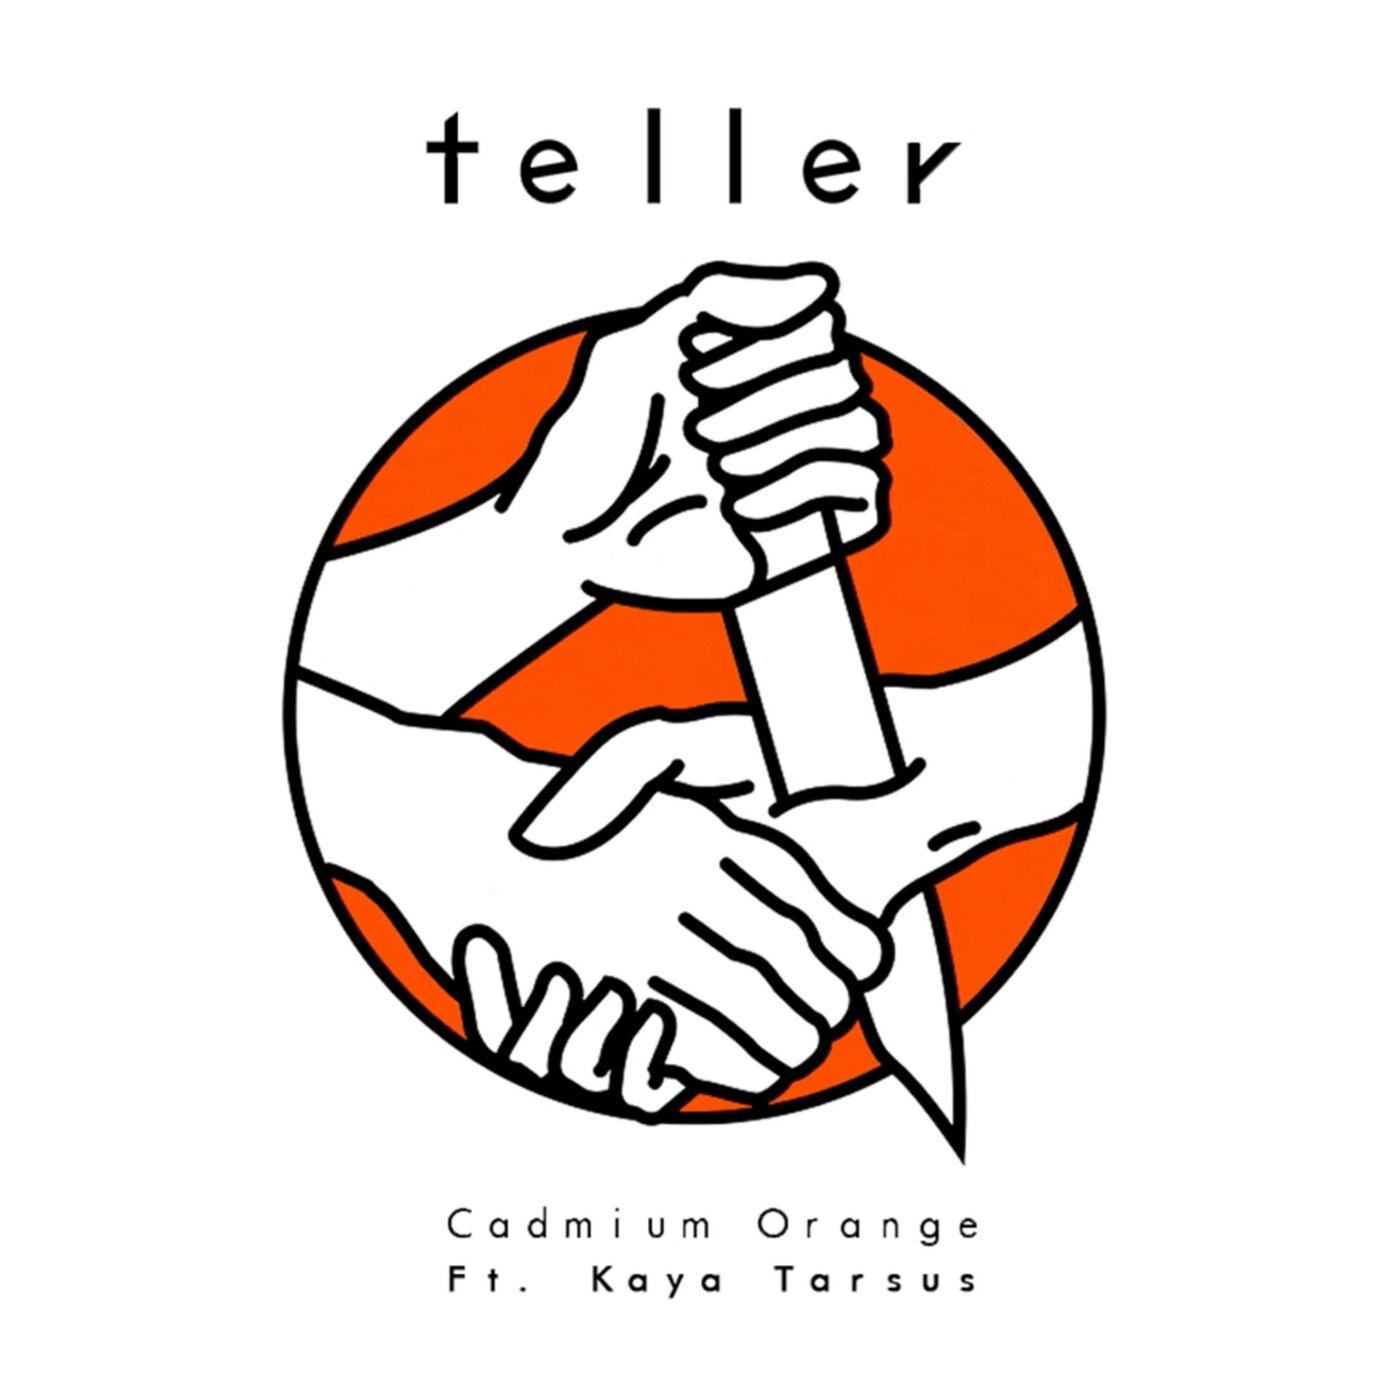 Teller - Cadmium Orange [single] (2019)